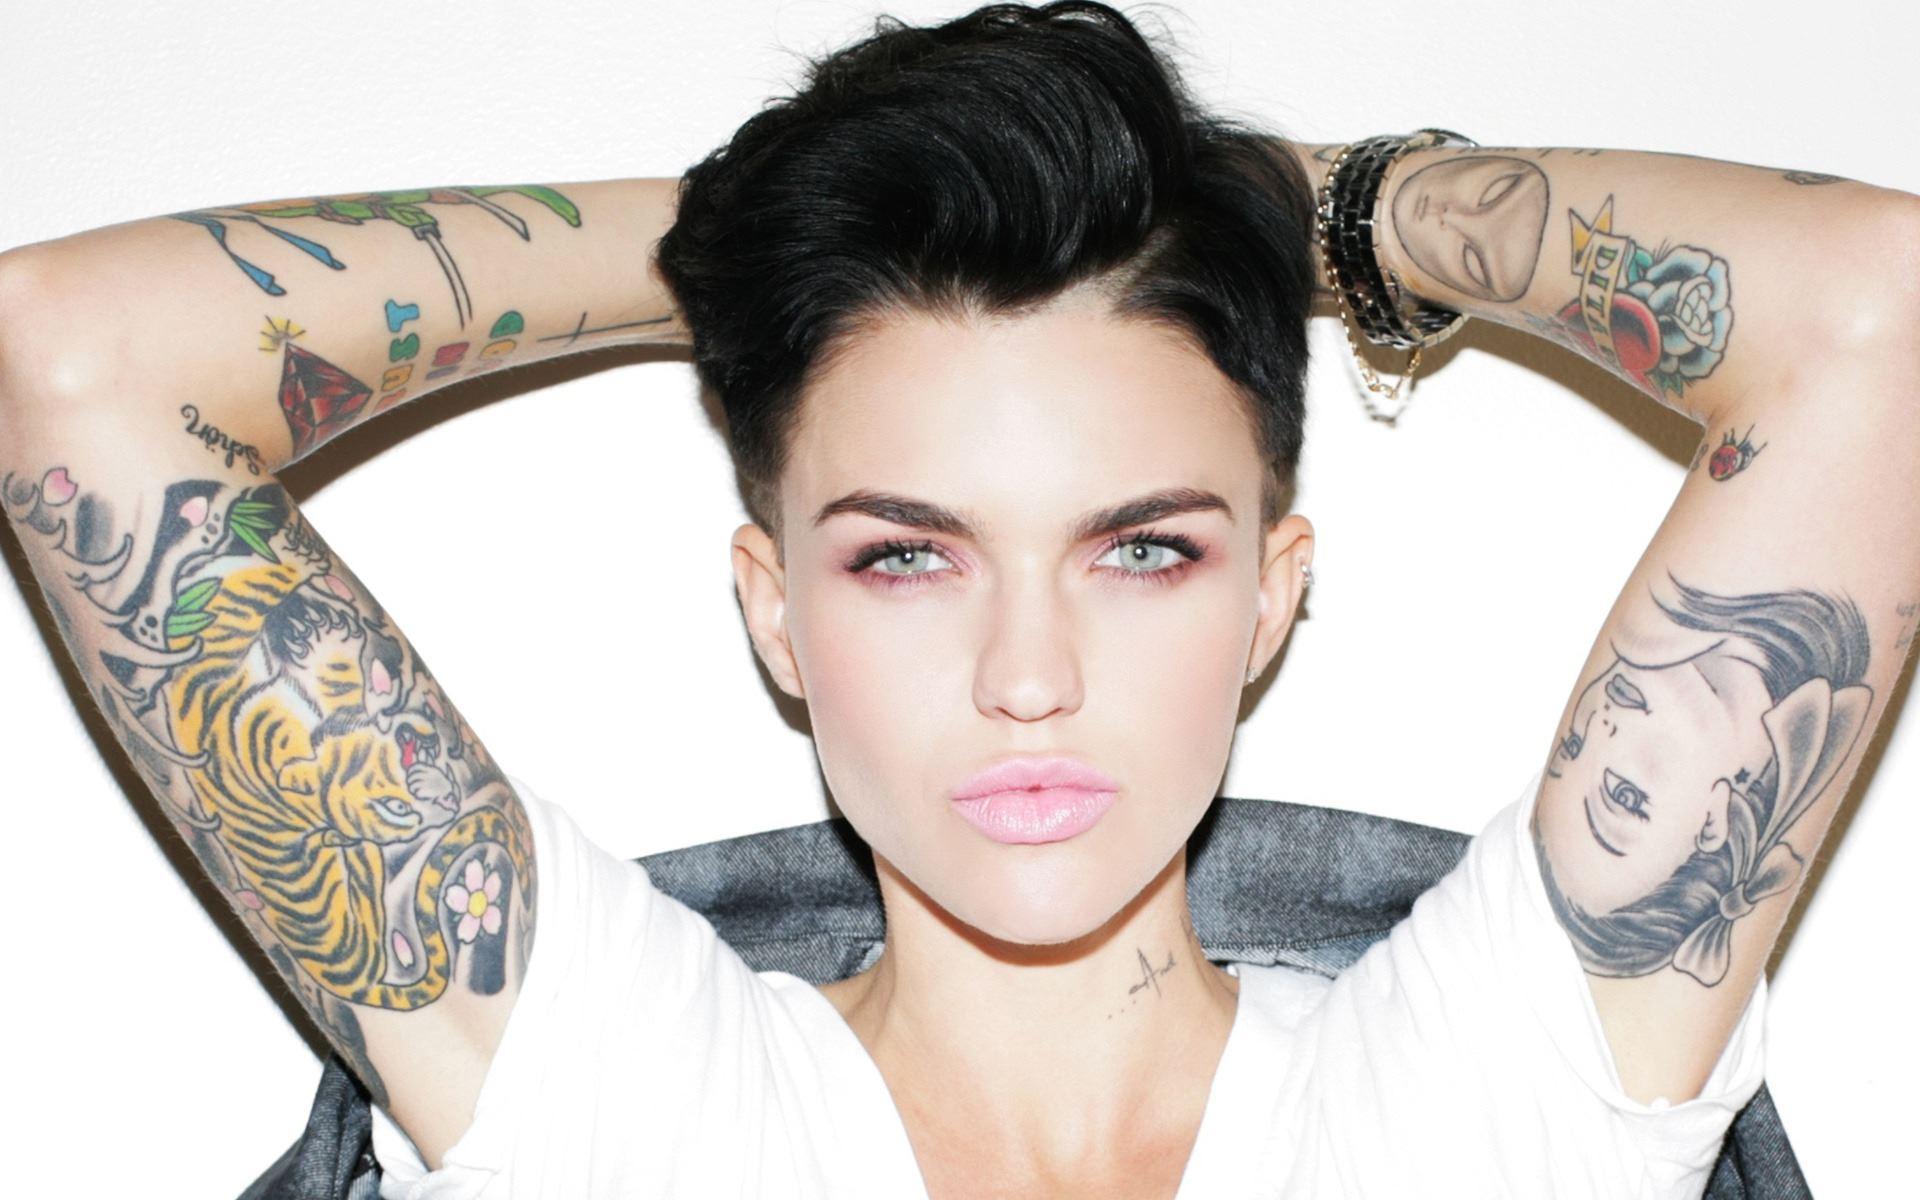 Las Mujeres Con Tatuajes Tienen Autoestima Más Alto